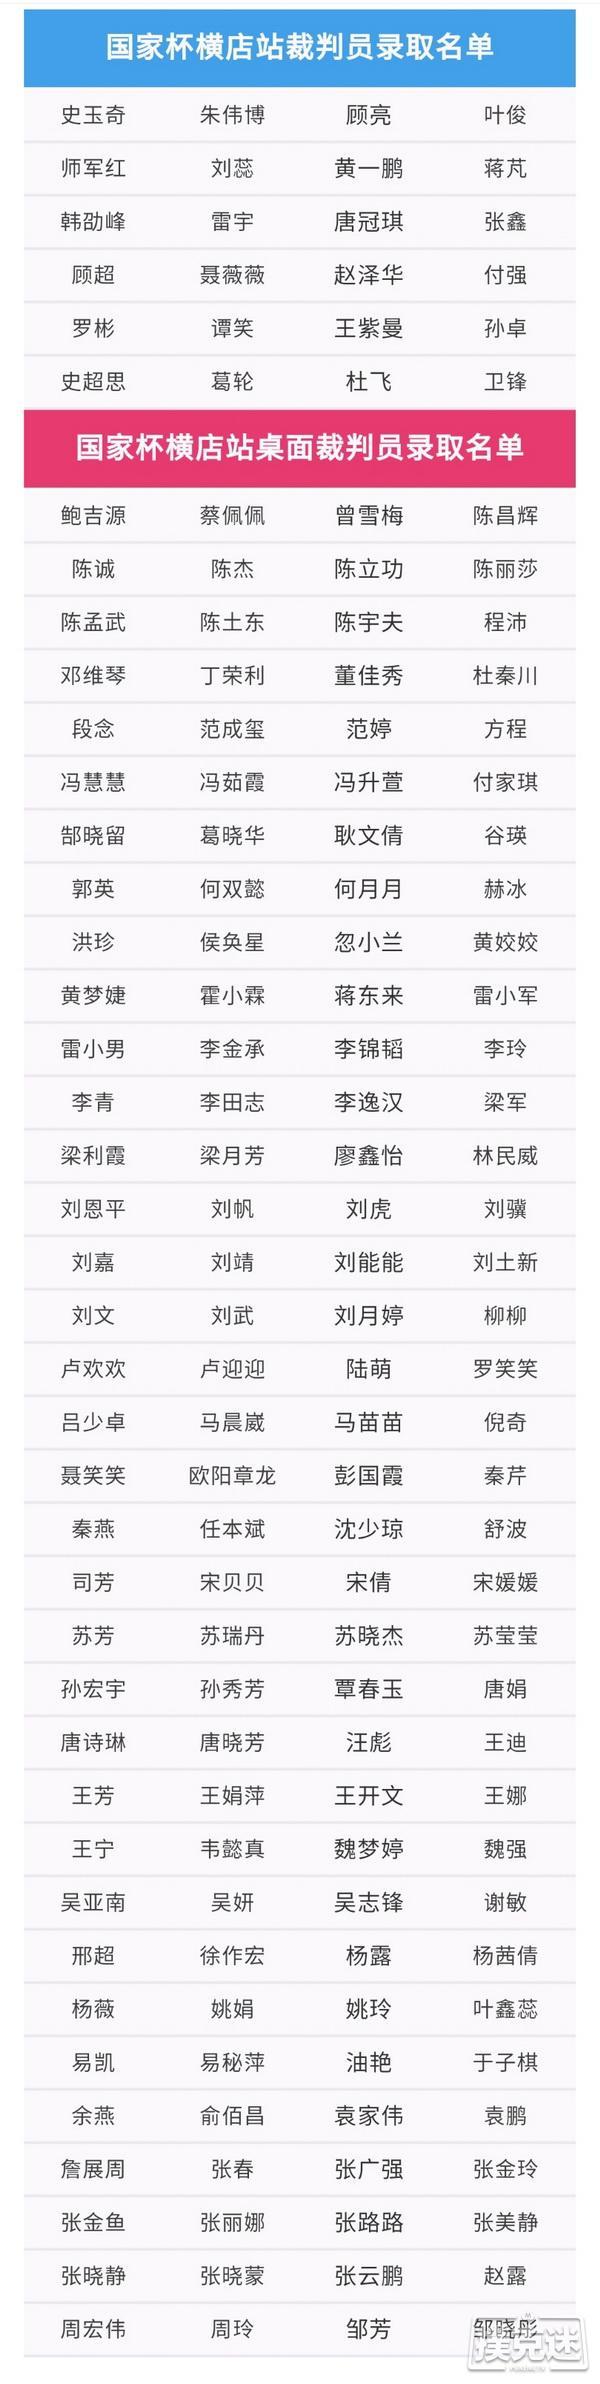 2020NCBP国家杯棋牌职业大师赛横店站裁判员录取结果